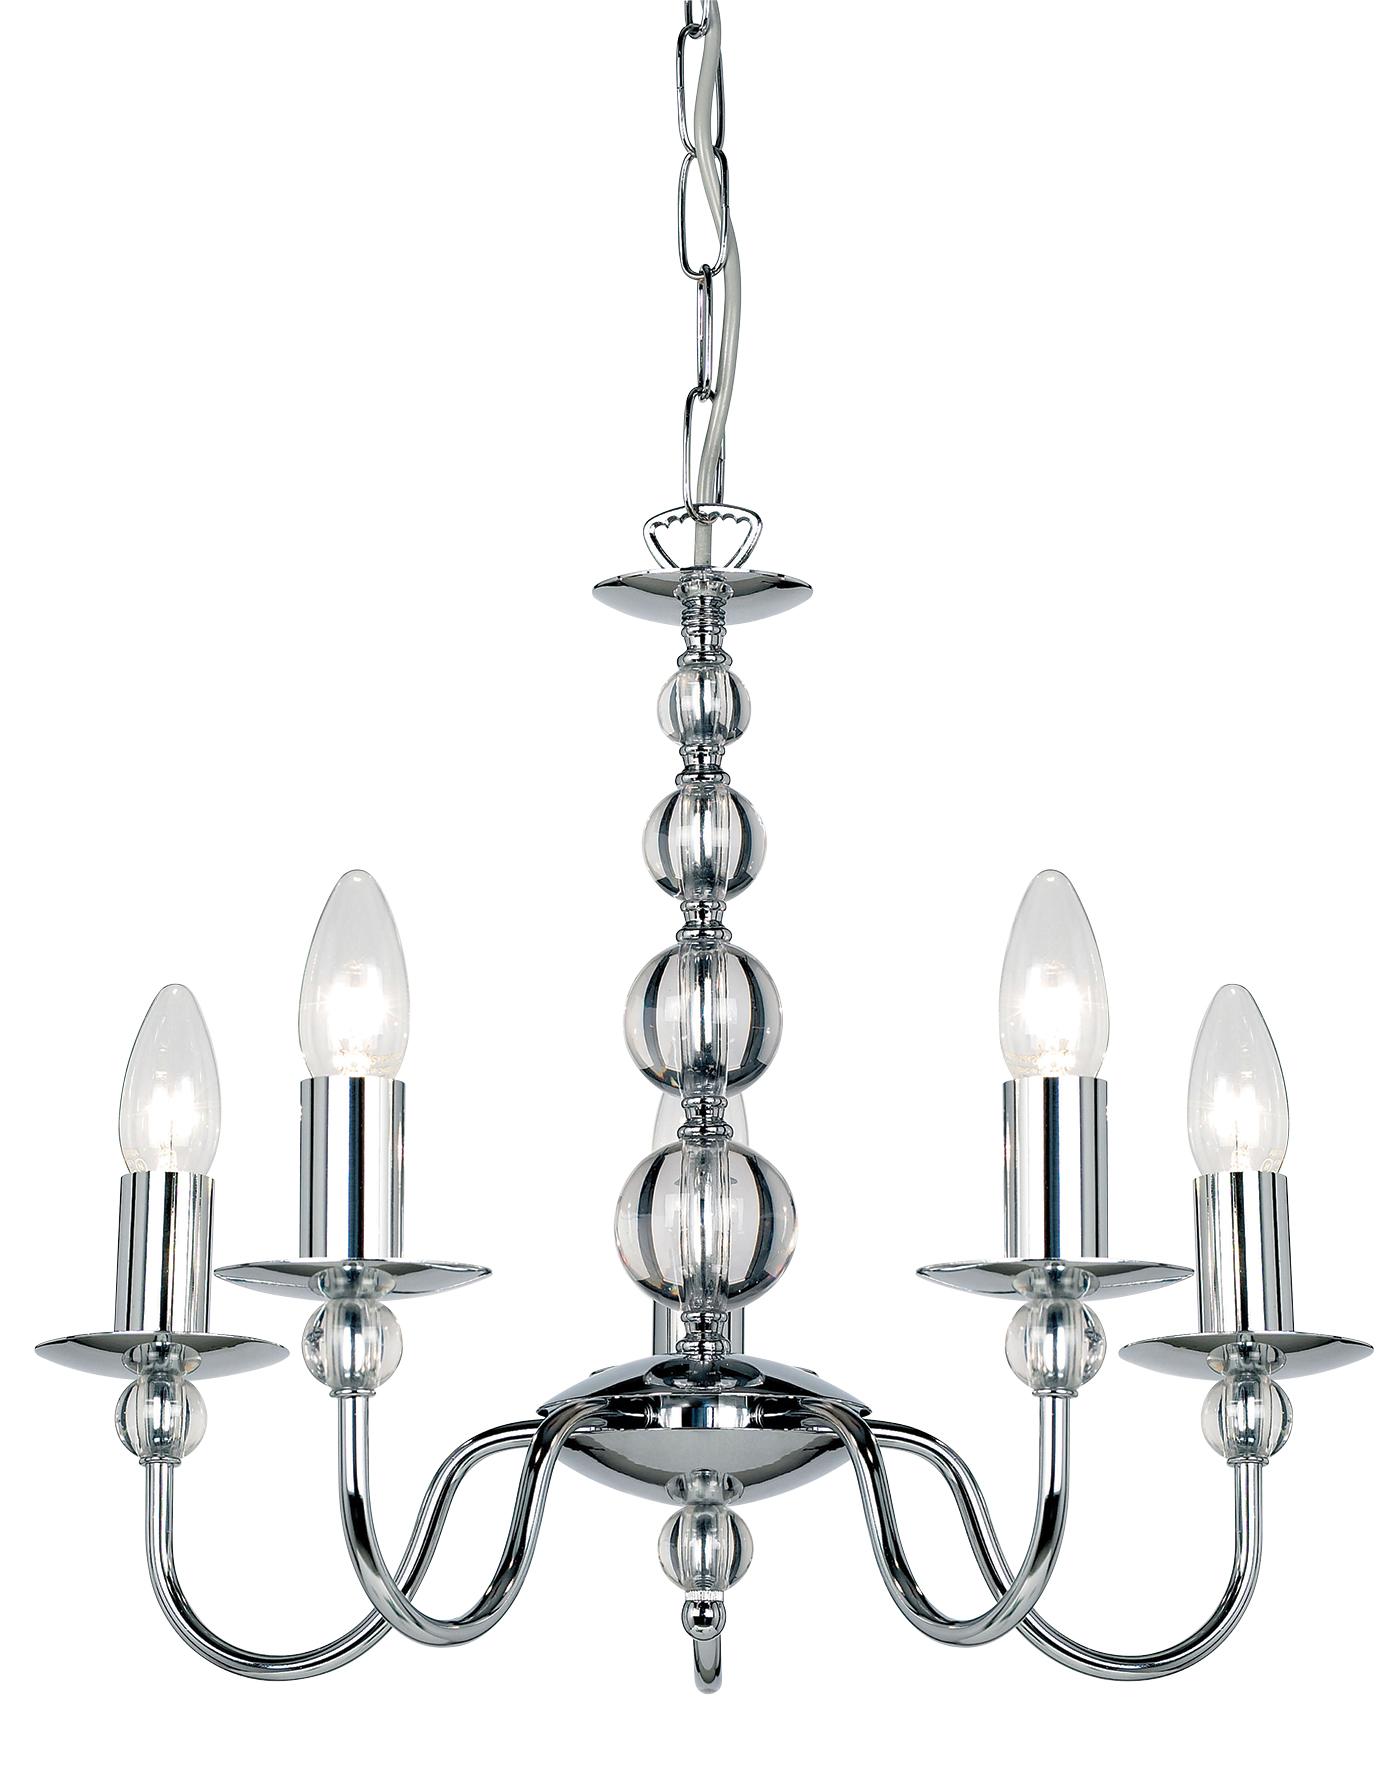 Endon Parkstone chandelier 5x 60W Chrome effect plate